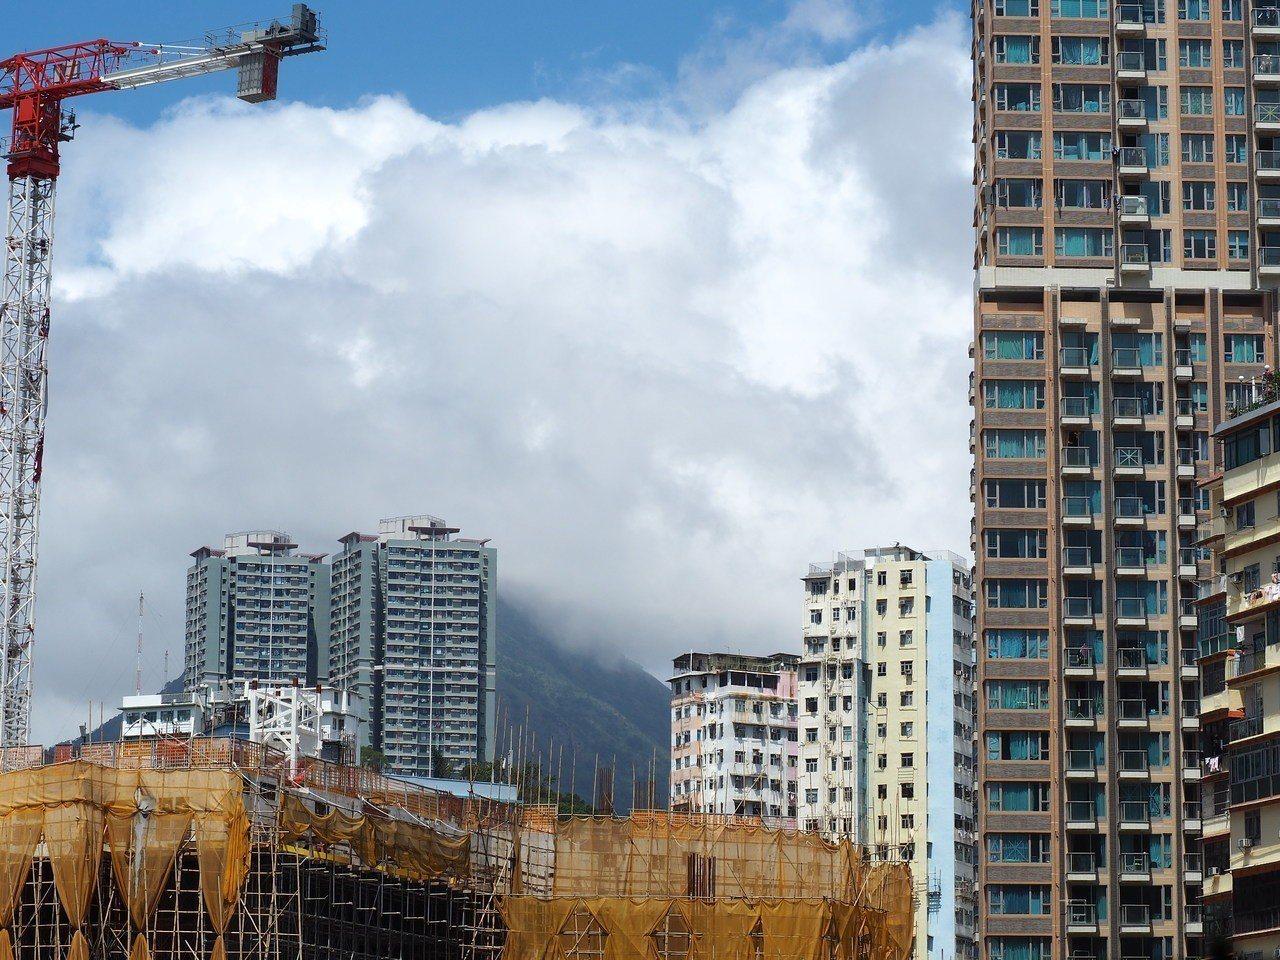 樓價月挫3.5% 10年最大單月跌幅 圖/香港中國通訊社